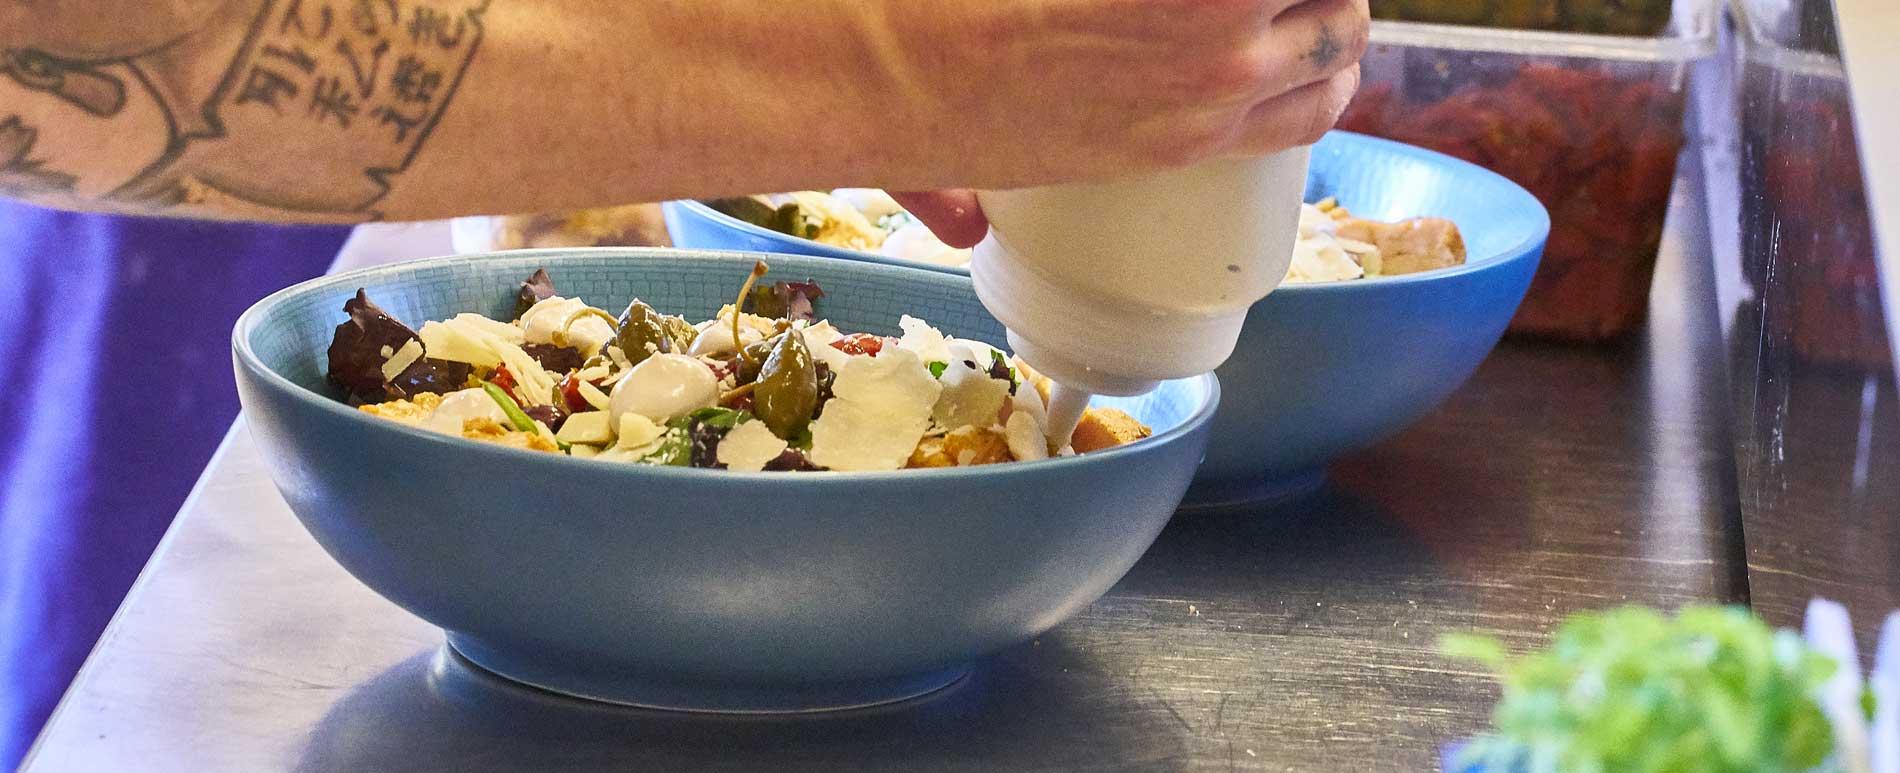 salade caesar, mayonnaise aux anchois, caprons, tomates confites, croutons, poulet mariné, snacking, plat sur le pouce, après-midi café du musée, déjeuner rapide